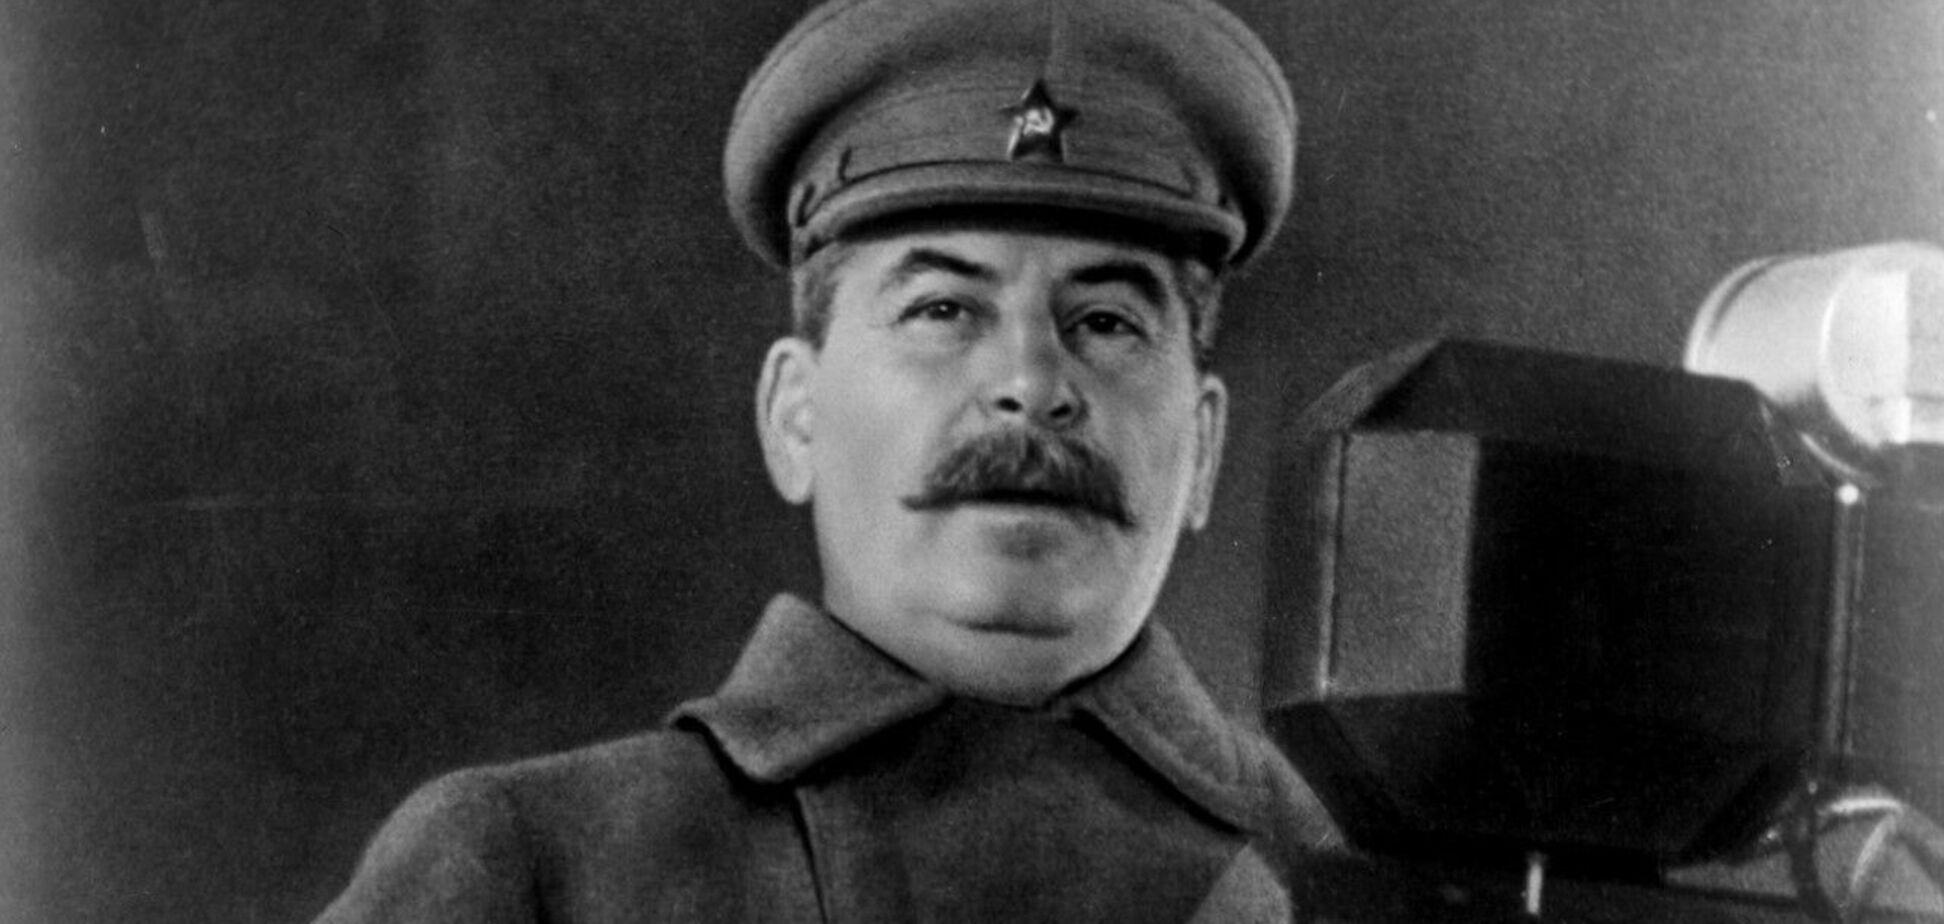 11 грудня 1937 року, генсекретар СРСР Йосип Сталін виголосив фразу 'Депутат – слуга народу'